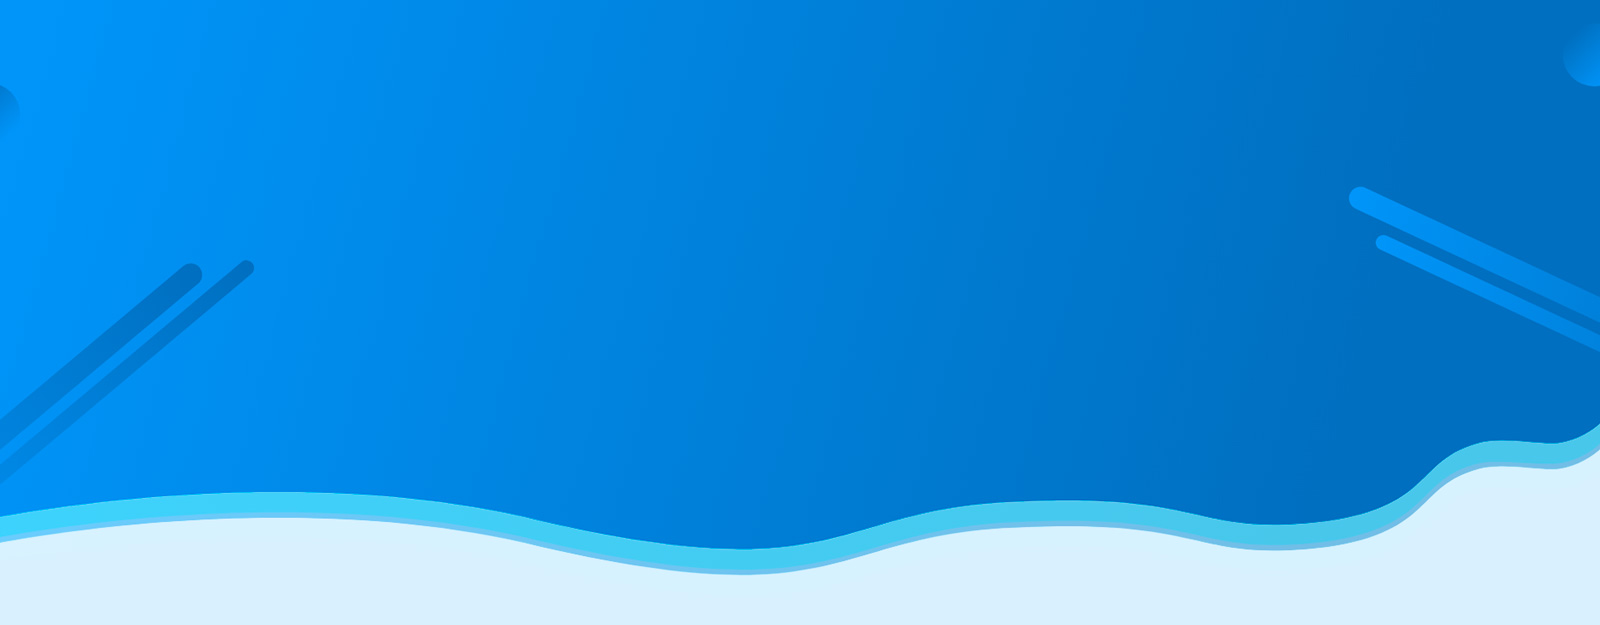 Slide background